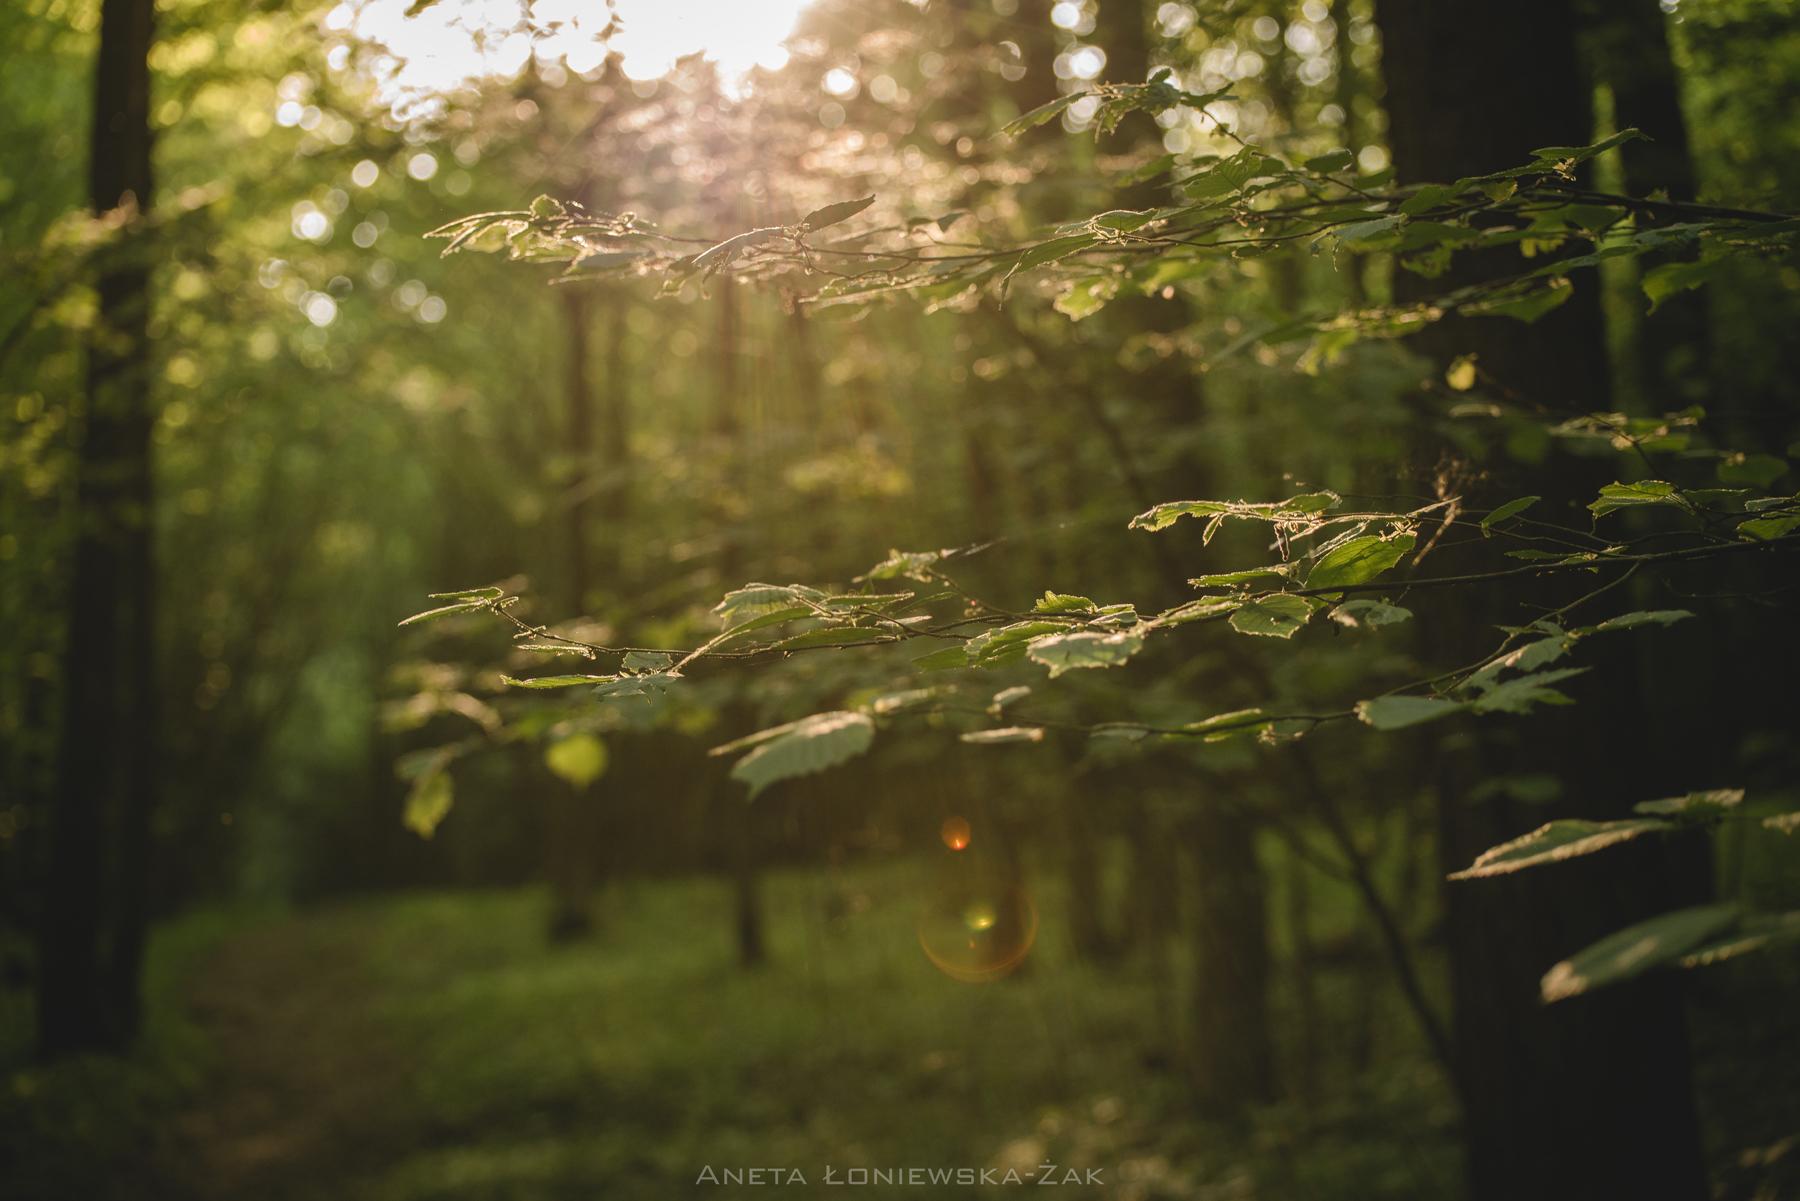 fotografia przyrodnicza, puszcza knyszyńska, leszczyna, las